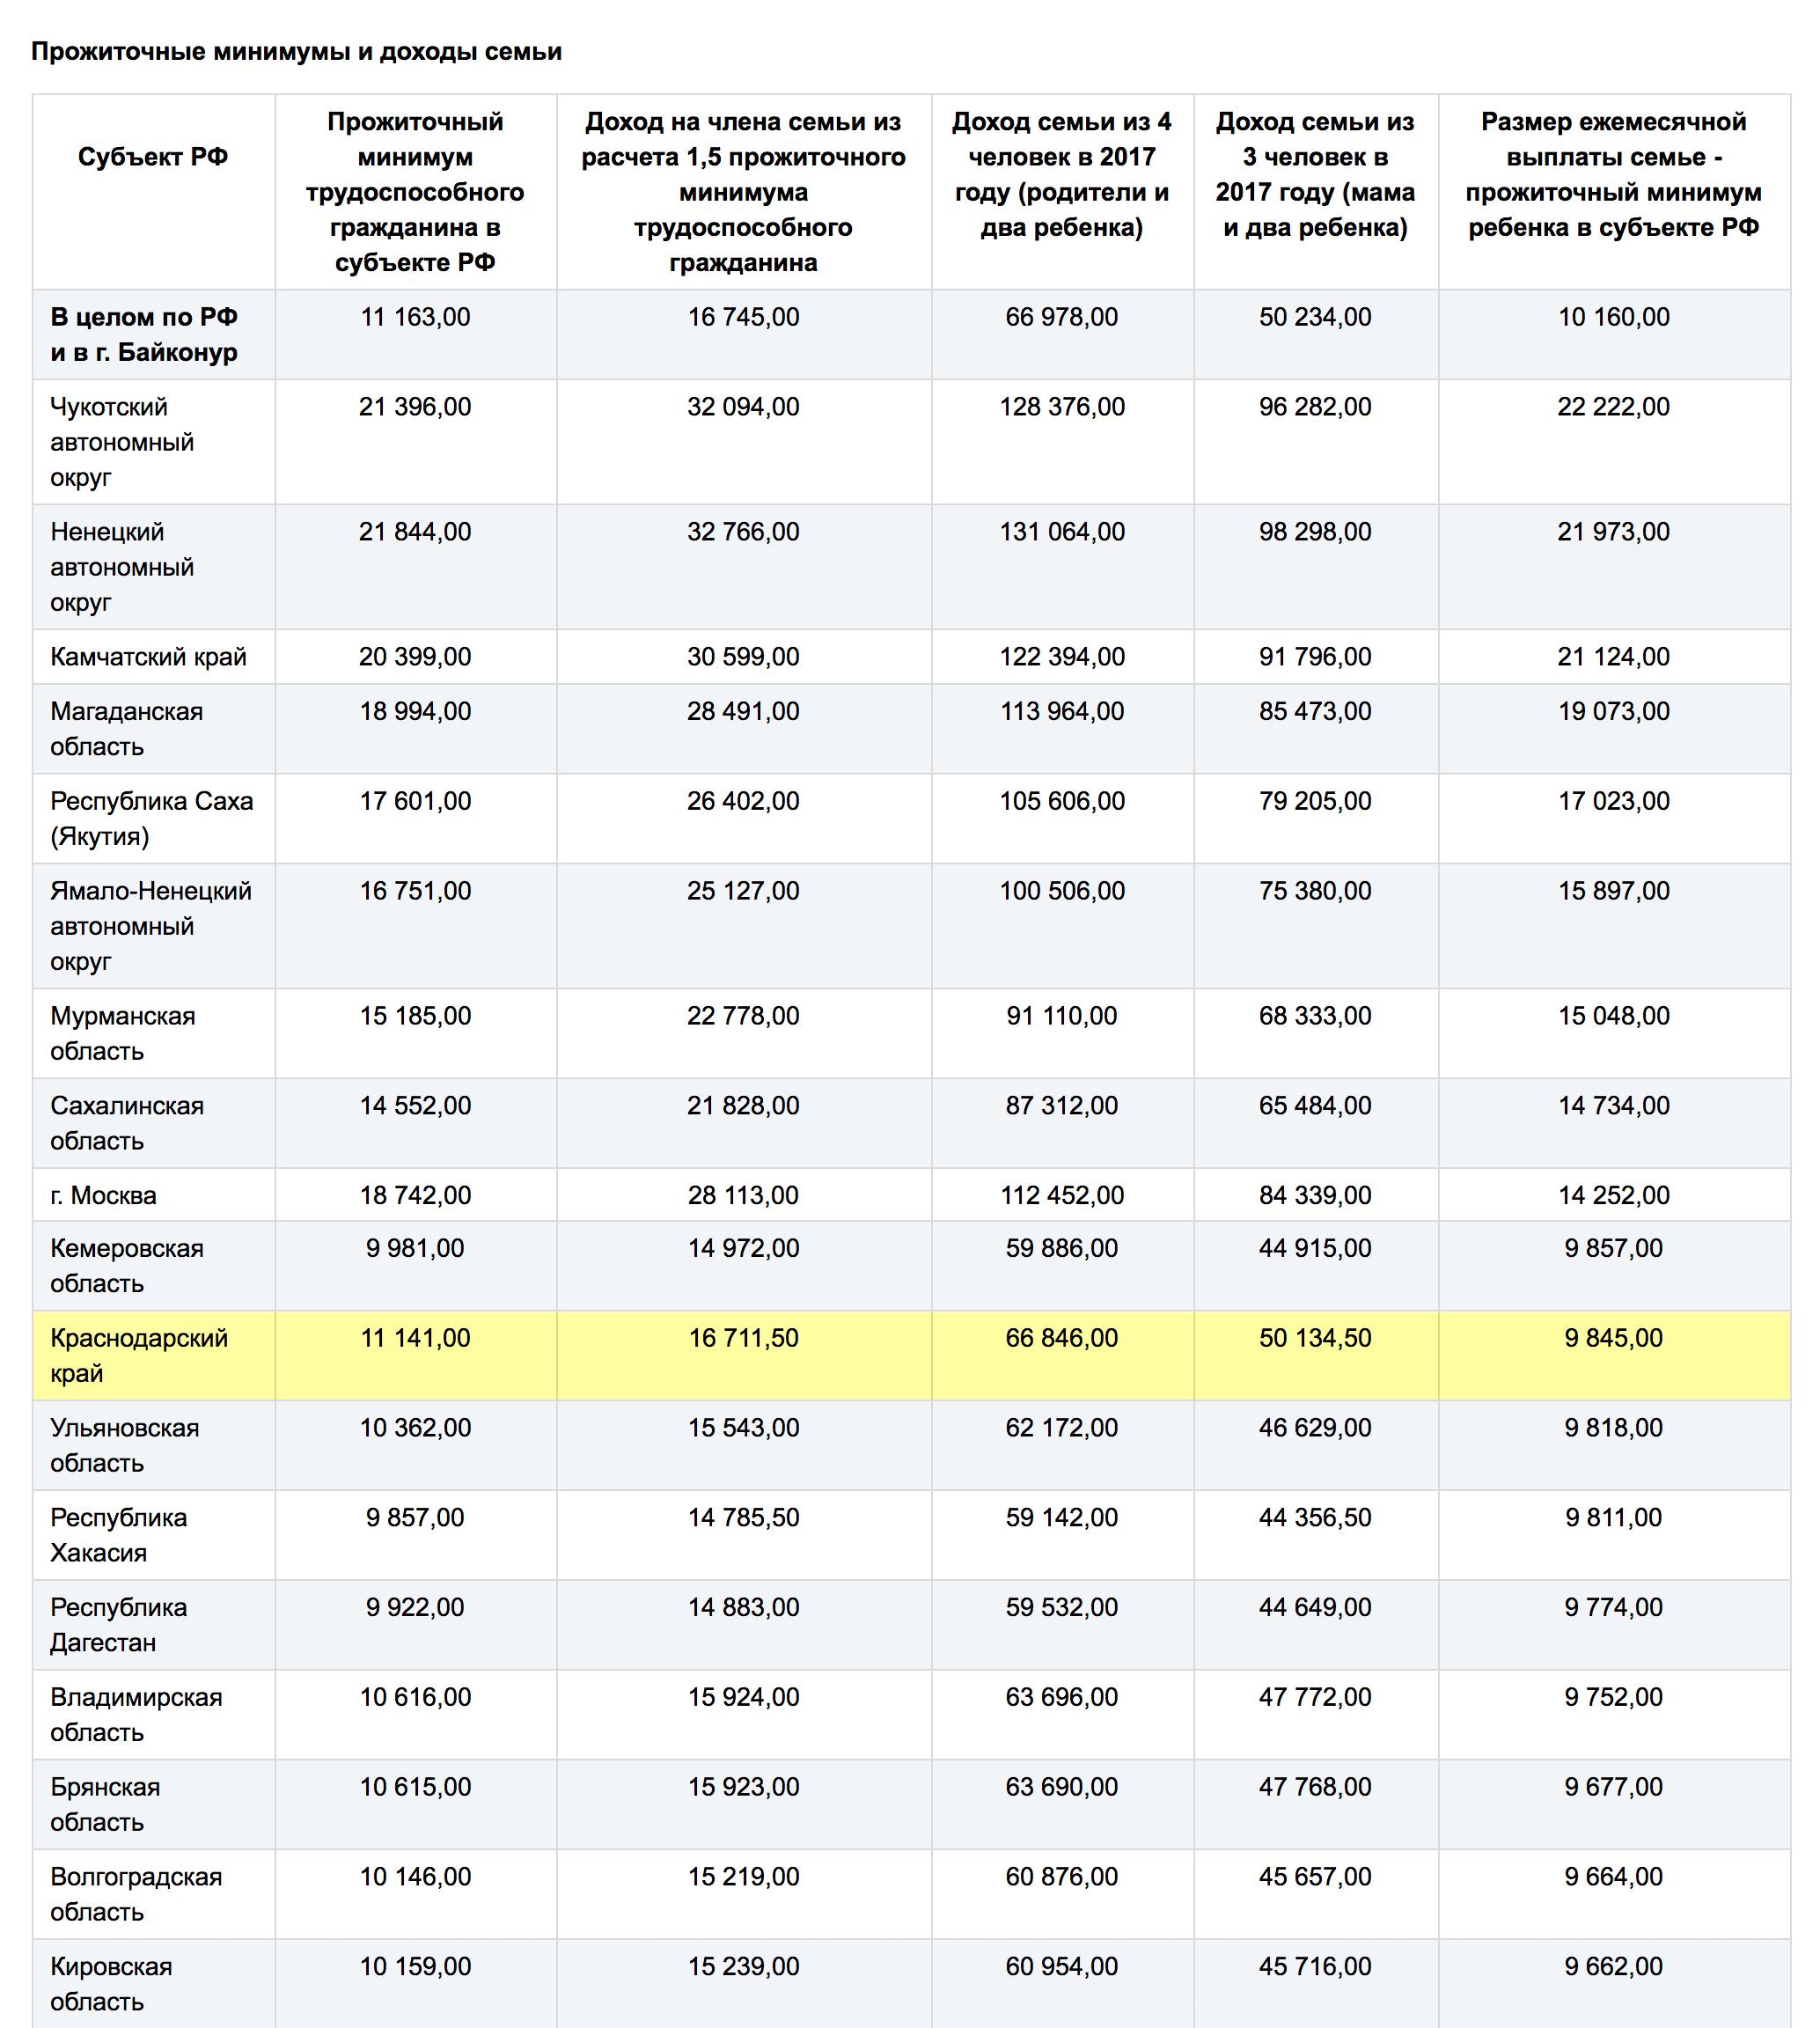 Таблица ПМ и выплат в регионах